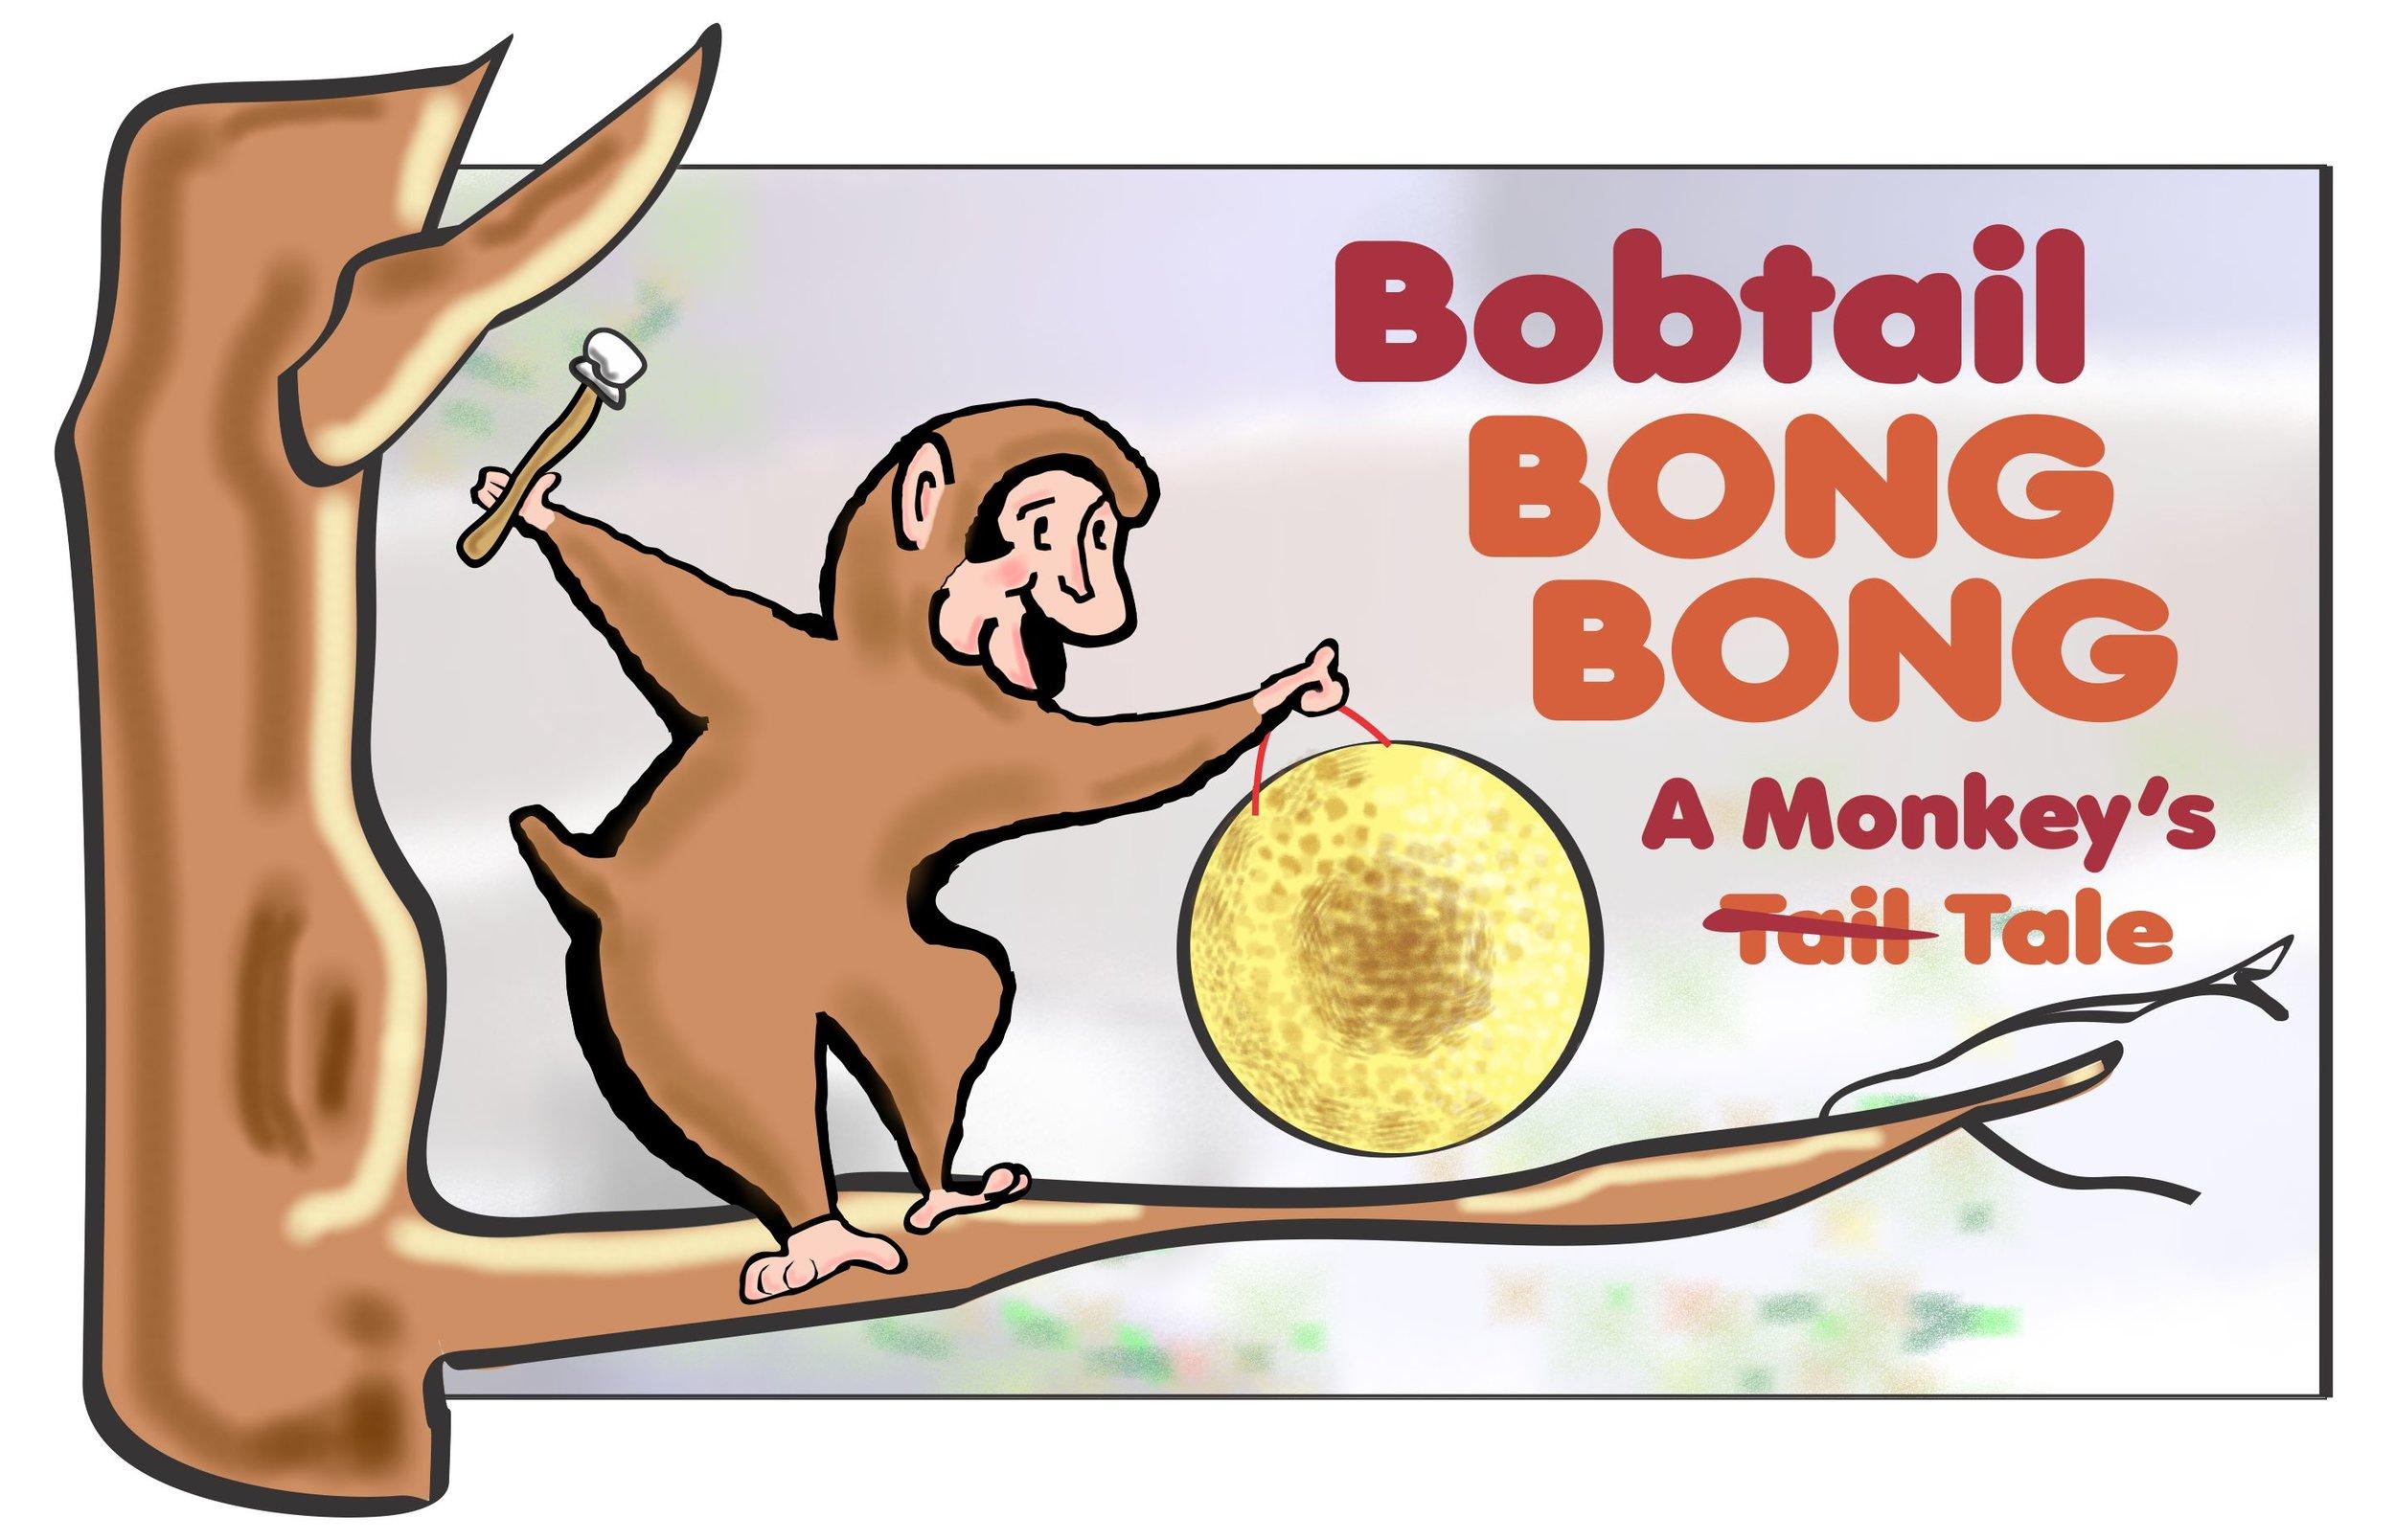 Bobtail_Bong_Bong FINAL.jpg